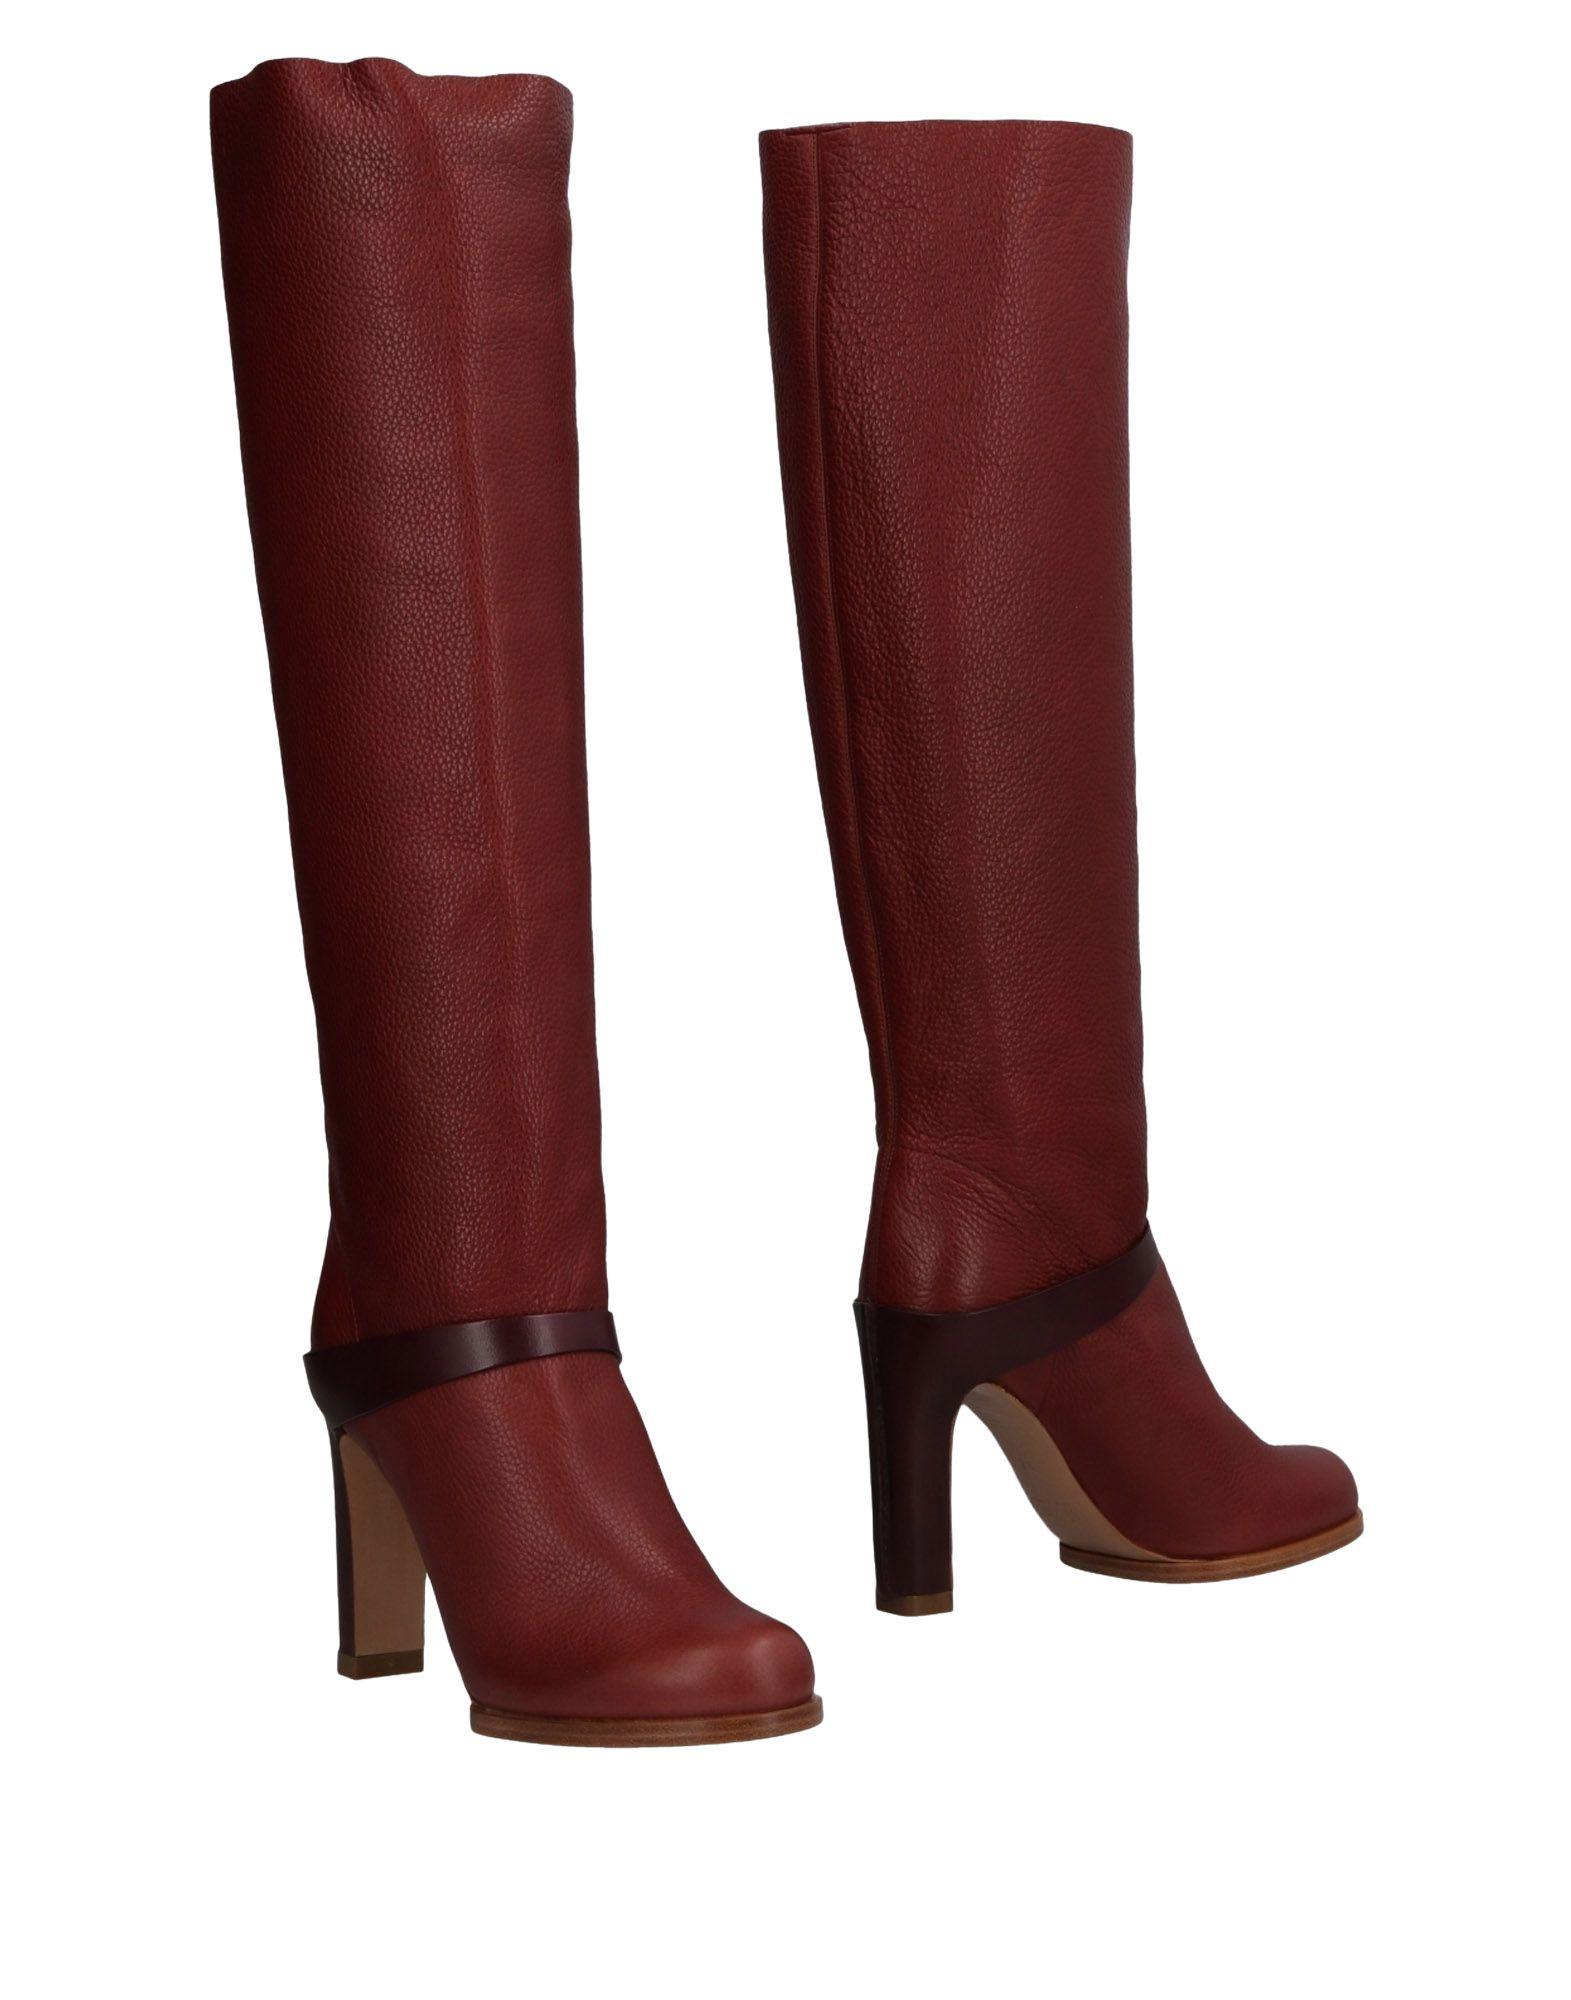 Stivali Chloé Donna - 11488819LB Scarpe economiche e buone